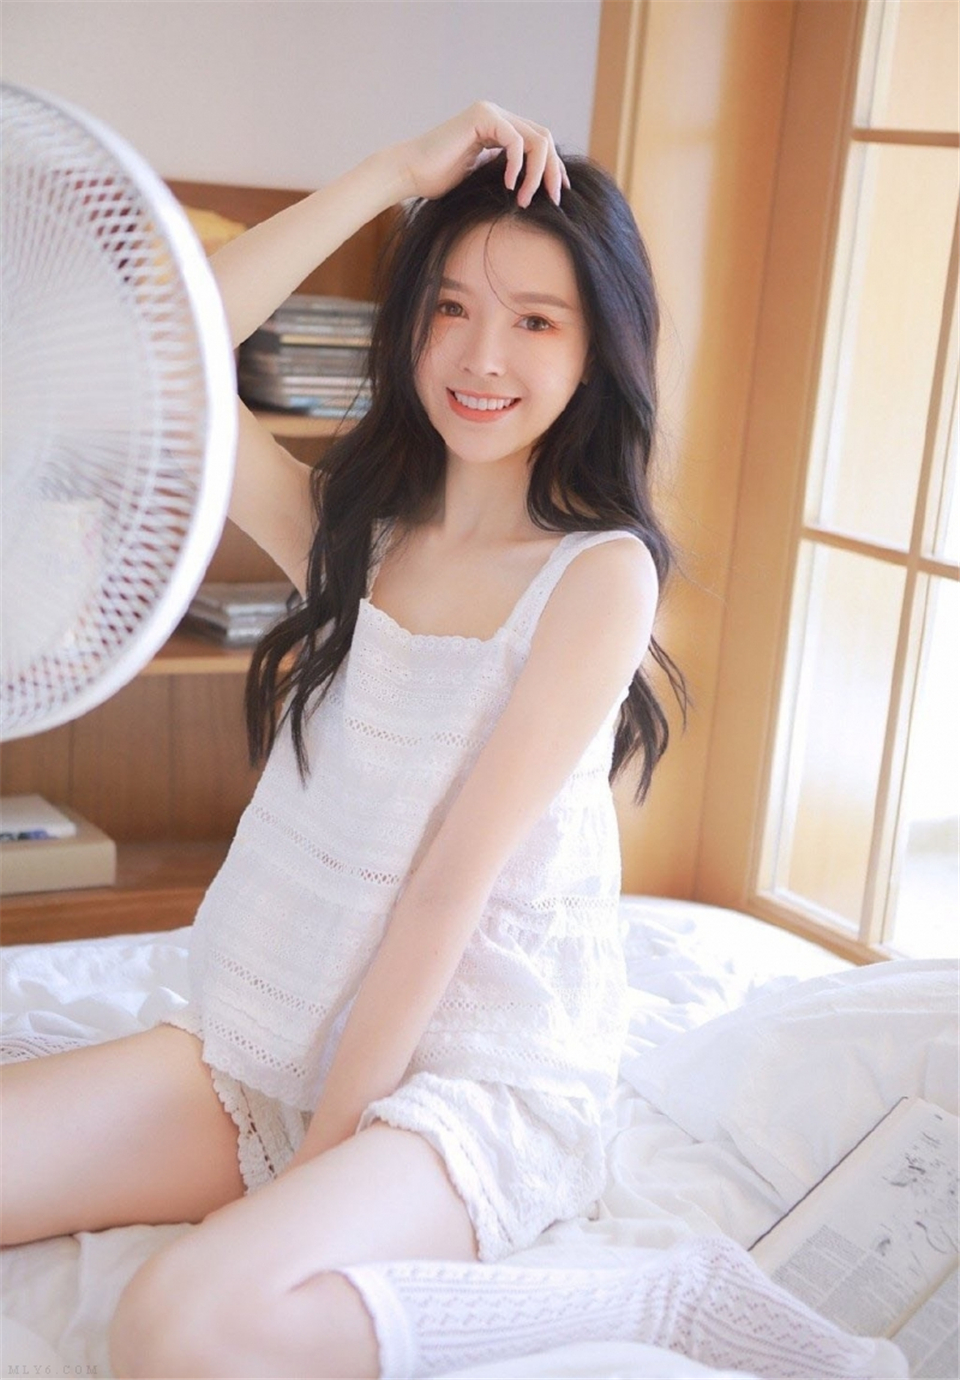 床上美女白丝美腿室内个人写真